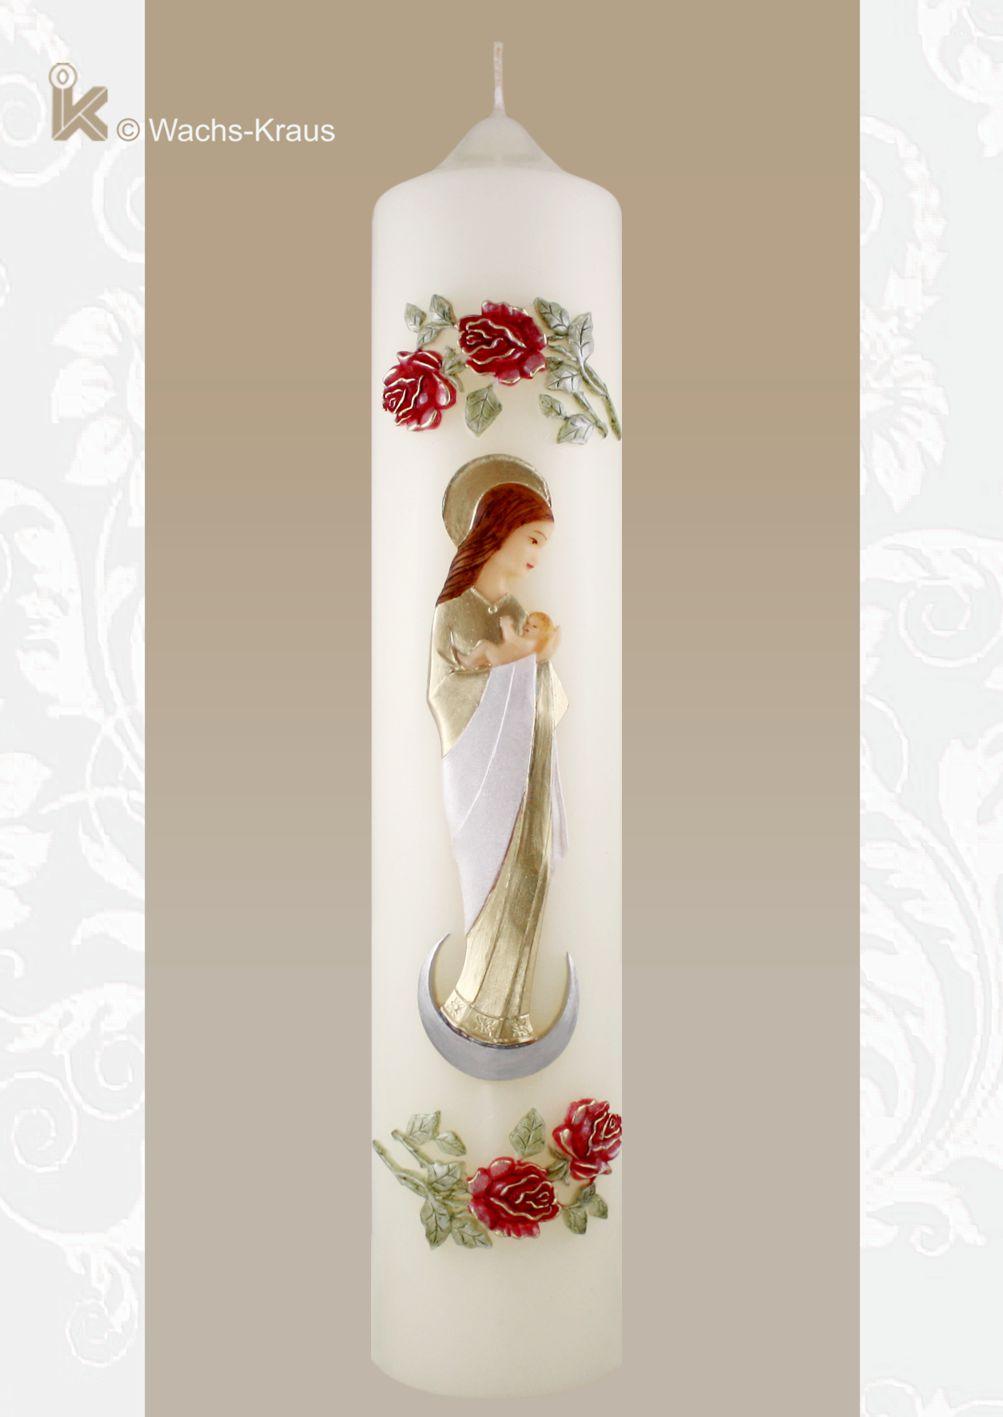 Marienkerze Mondsichelmadonna. Eine sehr aufwändig gestaltete Marienkerze mit aus Wachs gegossenen Rosen und einer sehr schönen Mondsichelmadonna.